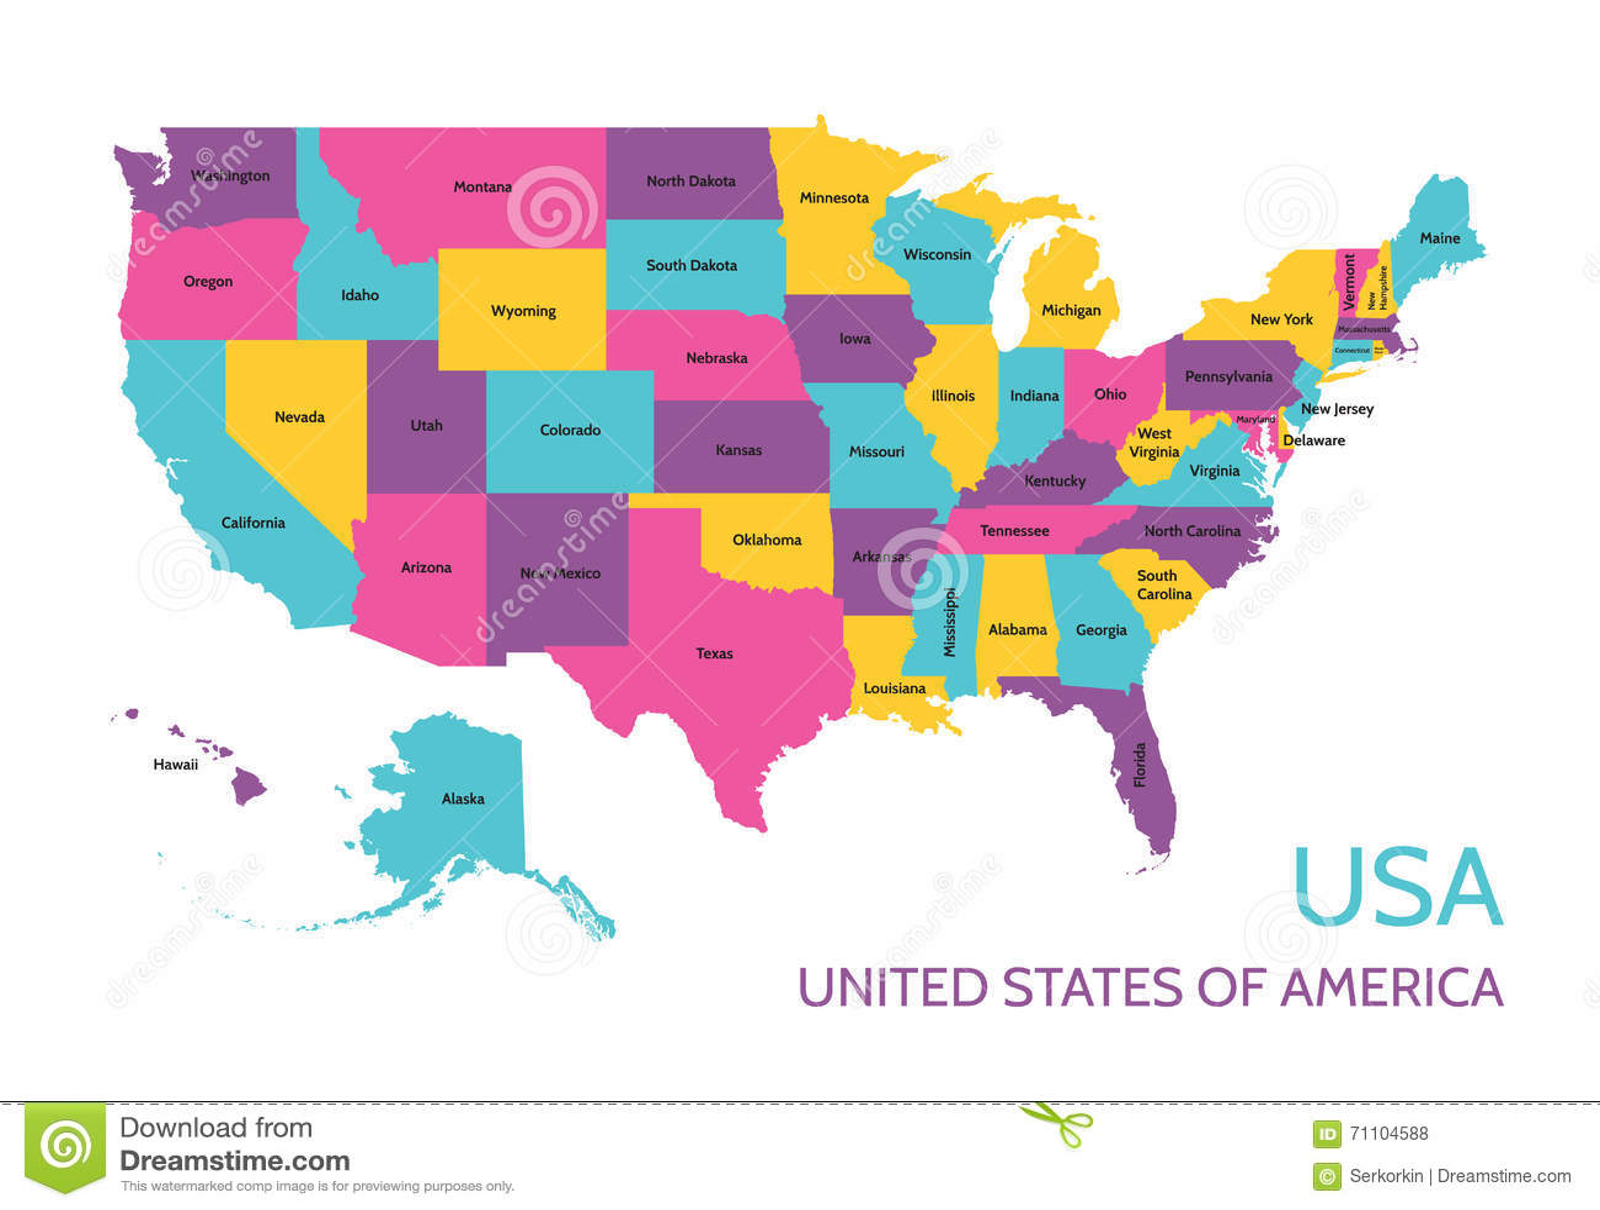 Cartina Geografica Degli Stati Uniti Di America.U S A Gli Stati Uniti D America Mappa Colorata Di Vettore Con La Divisione Negli Stati Illustrazione Vettoriale Illustrazione Di Geografico Alaska 71104588